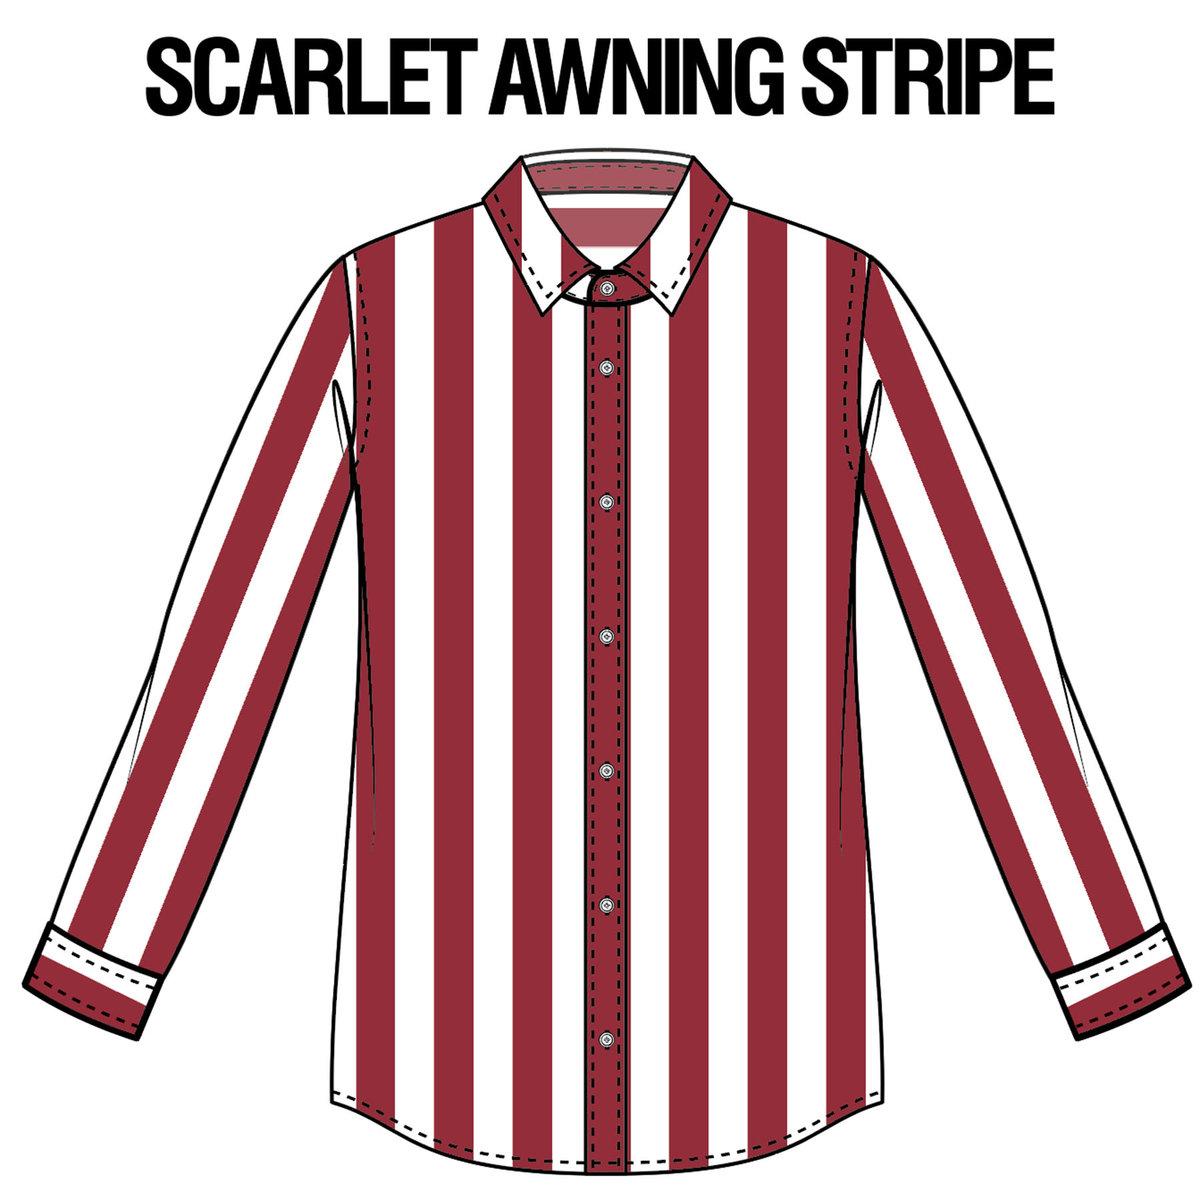 Scarlet Awning Stripe.jpg